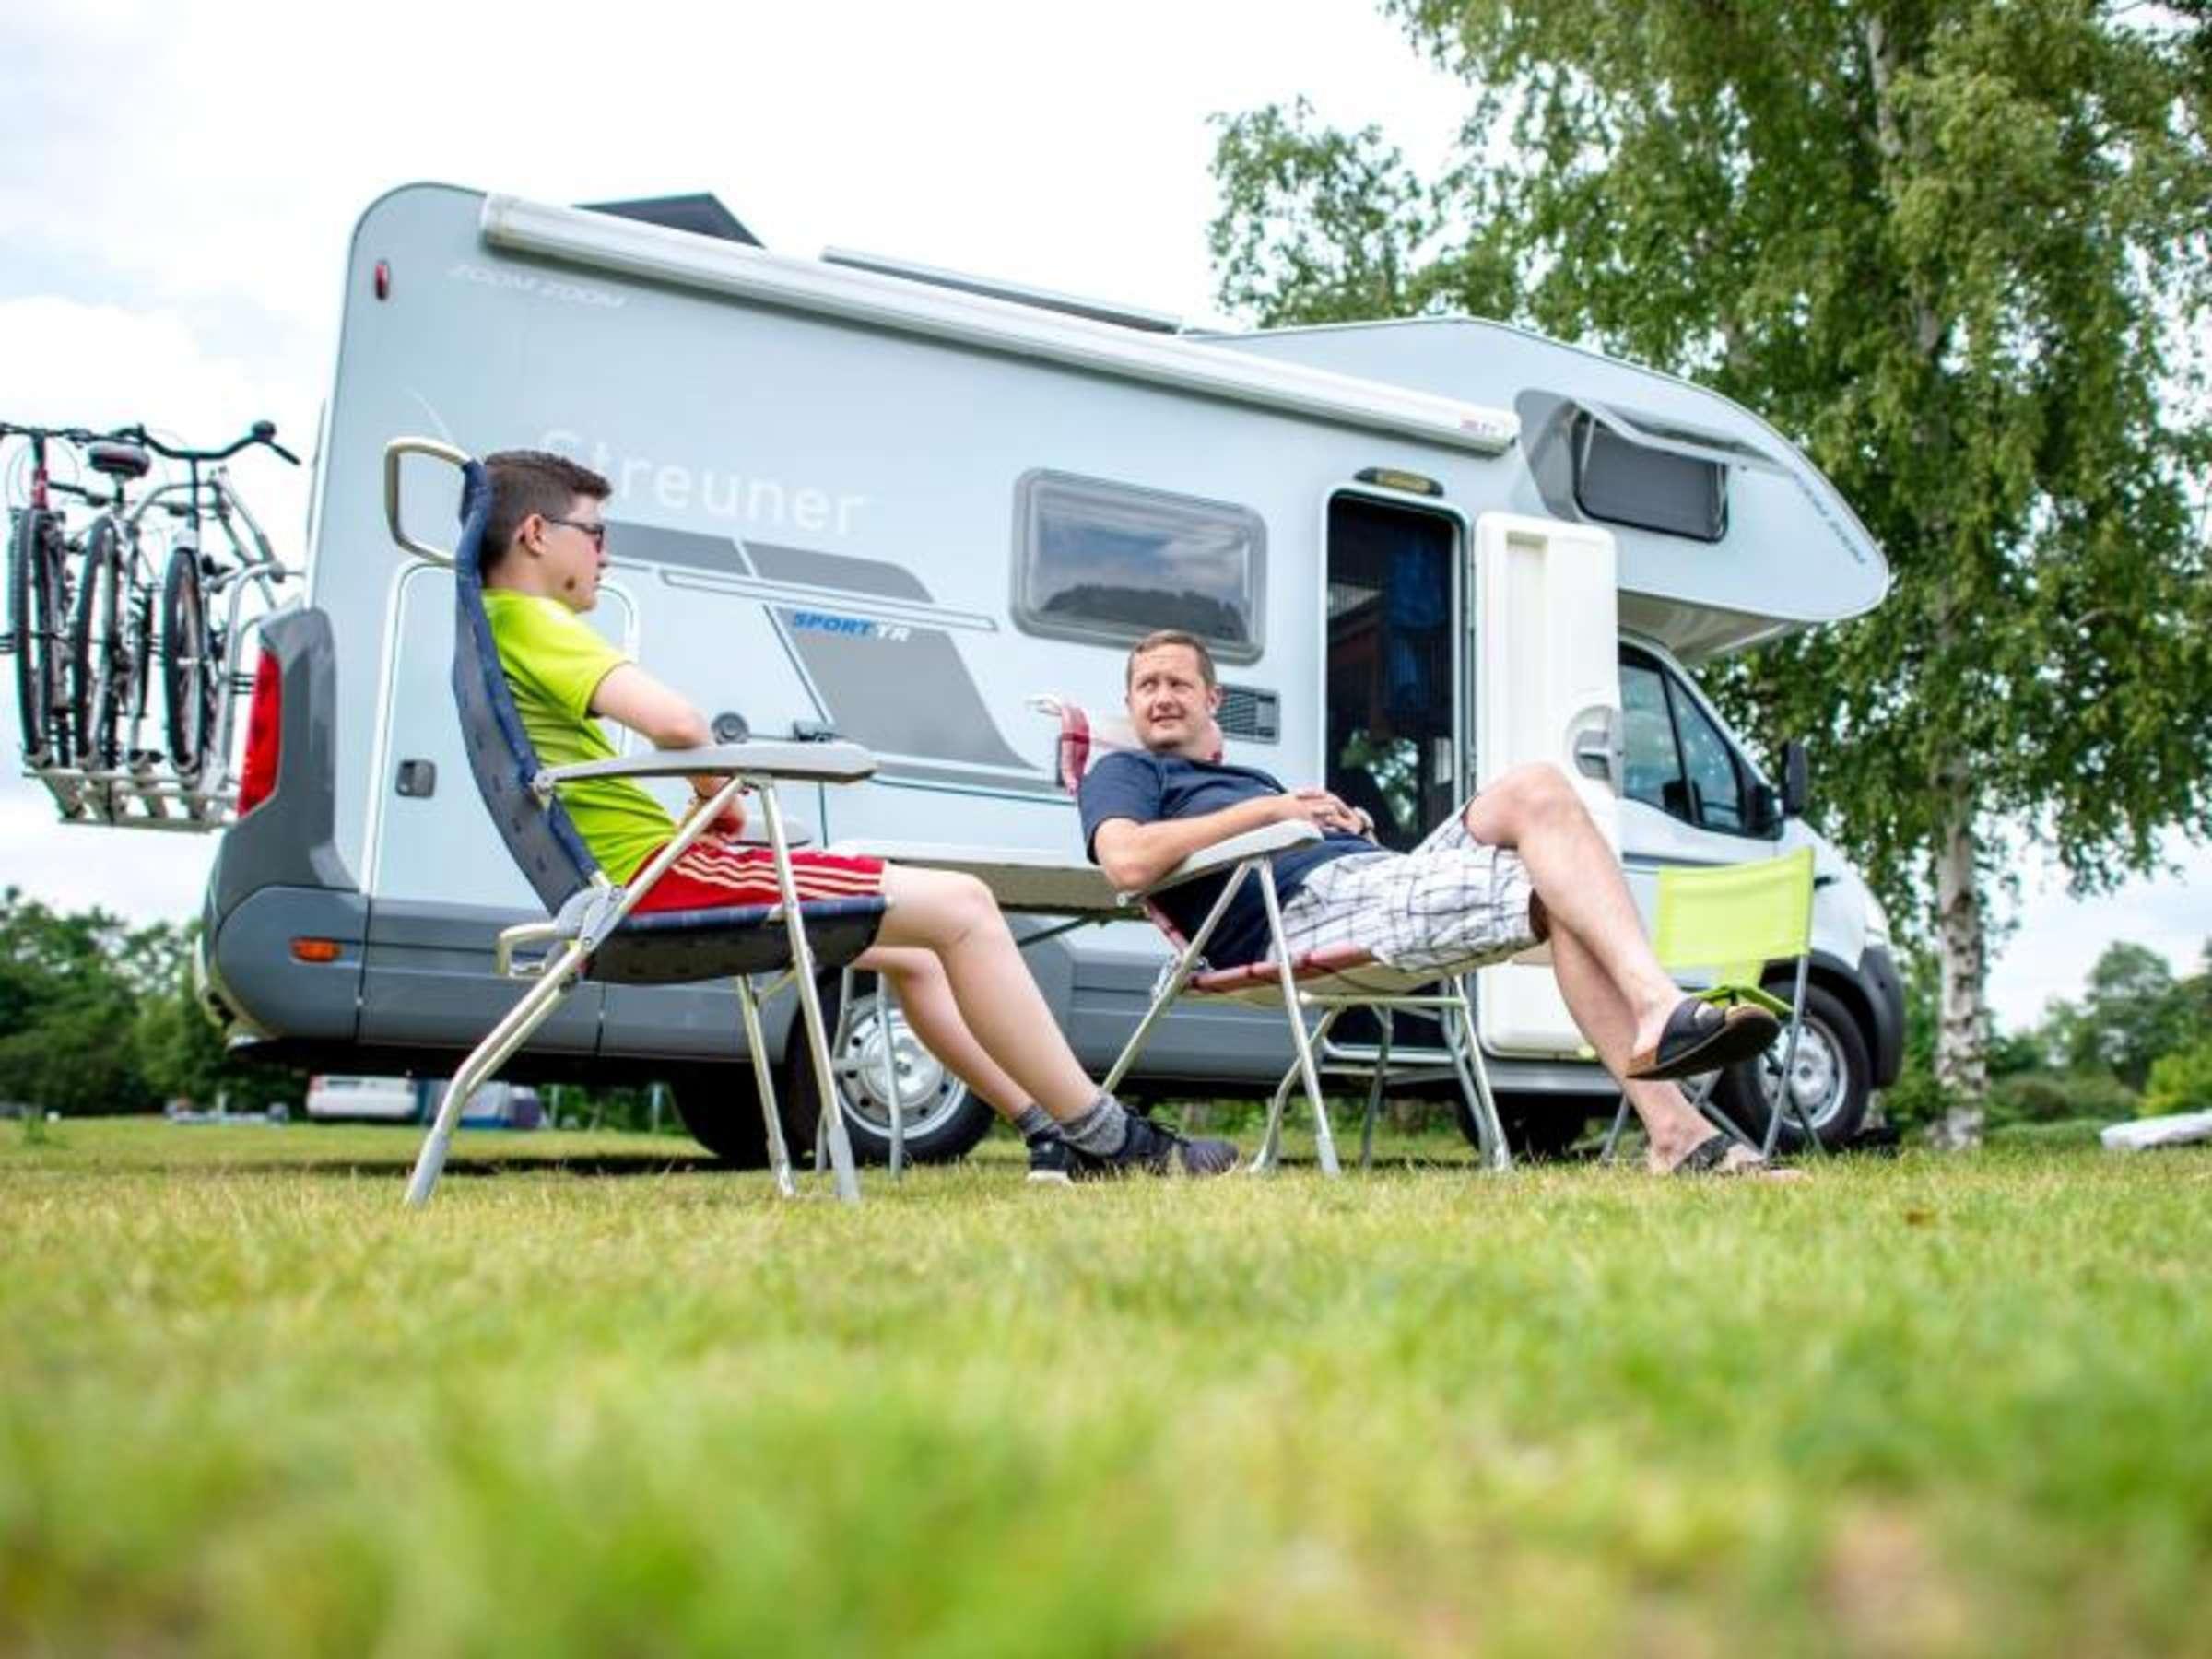 Reisen im Wohnmobil: Darf ich in der Natur campen?  Auto